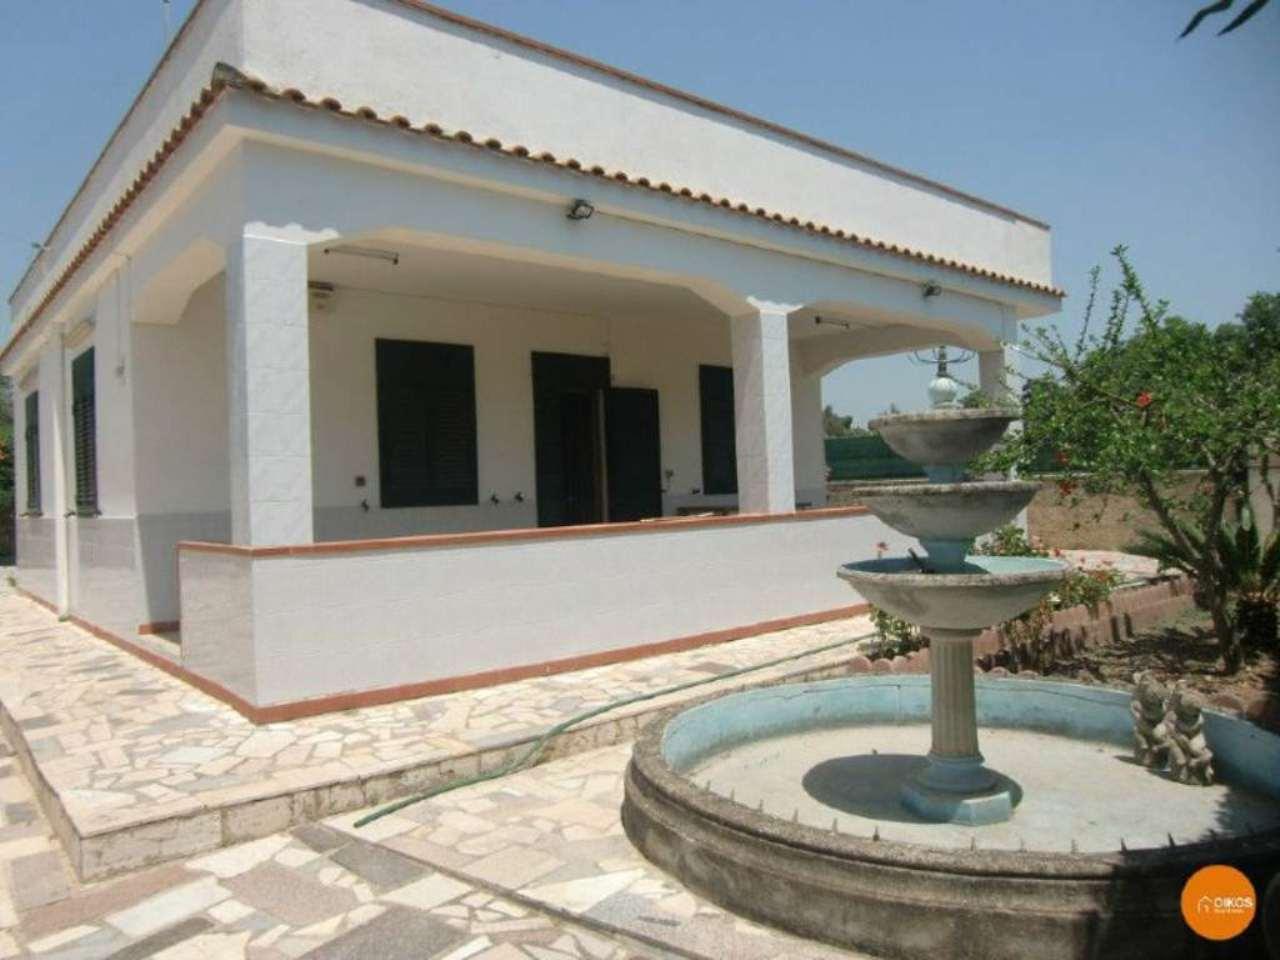 Villa in vendita a Noto, 4 locali, prezzo € 210.000 | Cambio Casa.it